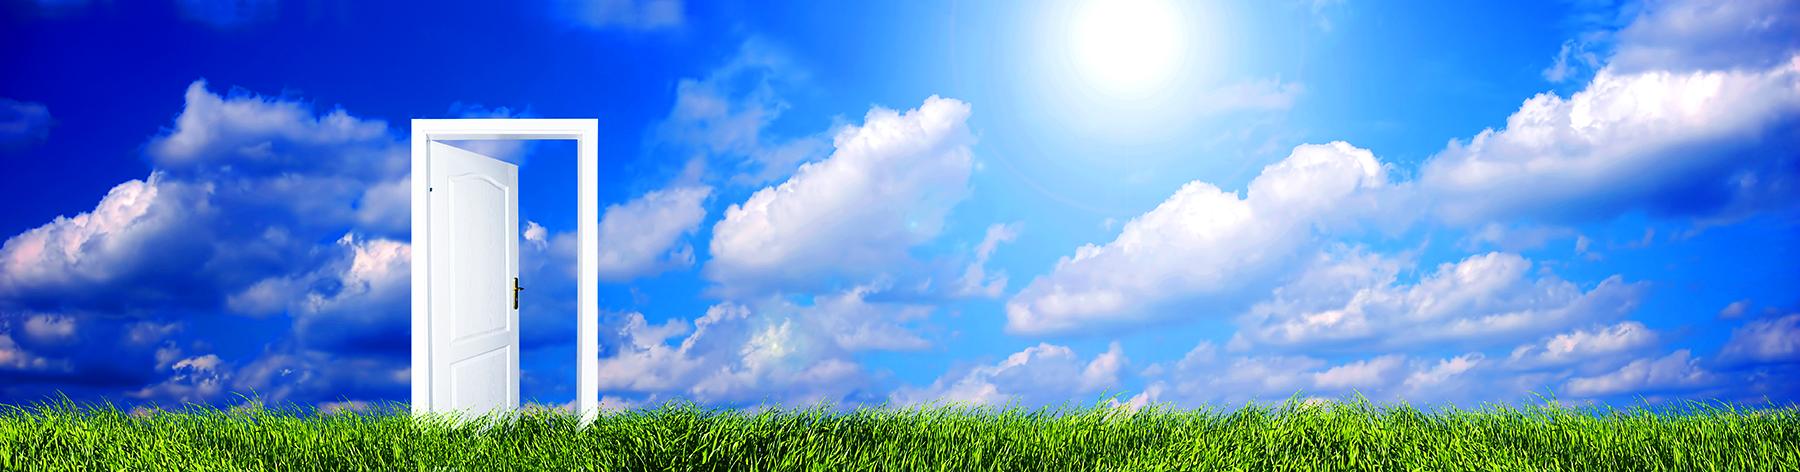 open door blue skies